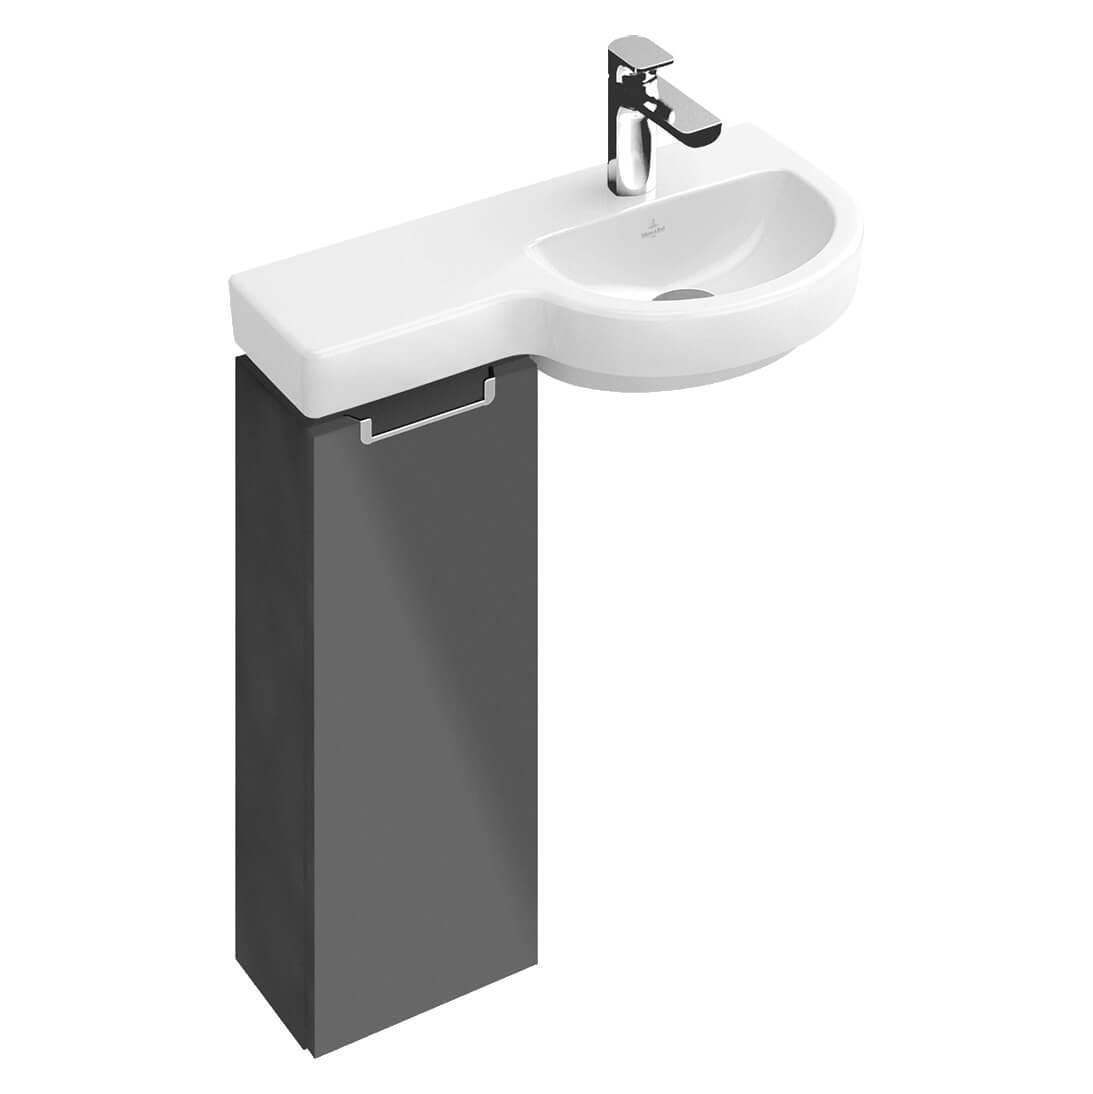 Малък шкаф за баня Subway 2.0 A819 00